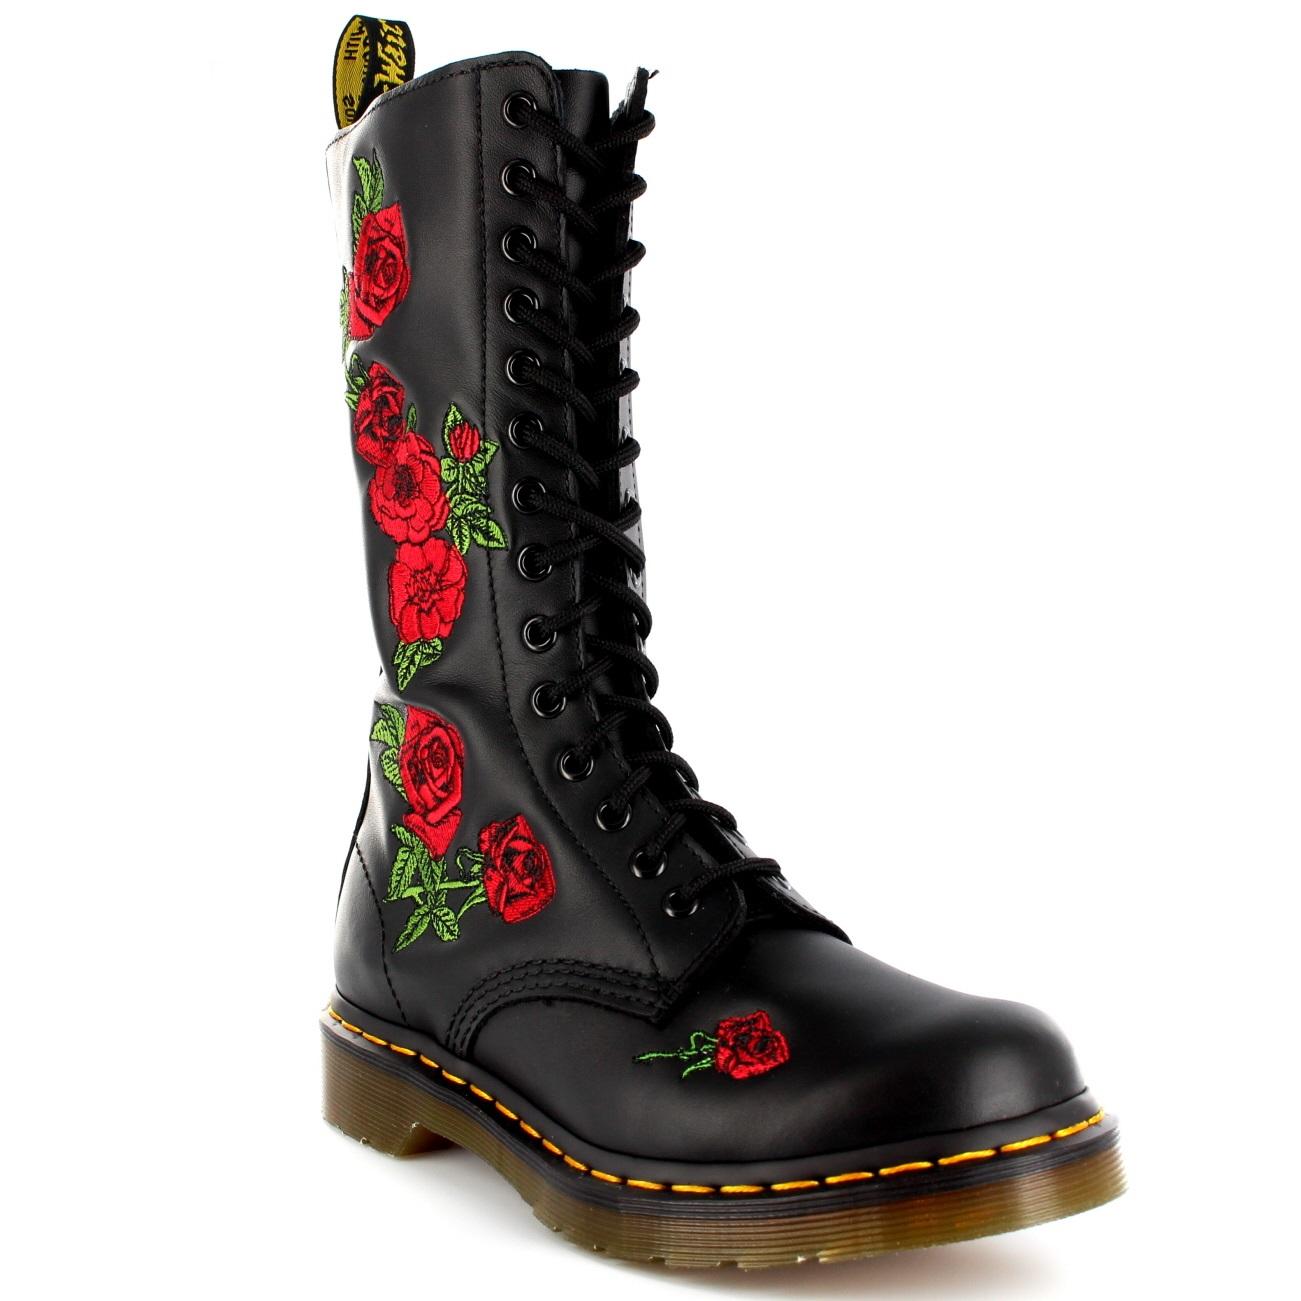 Dr Martens Vonda Mid Calf Boots